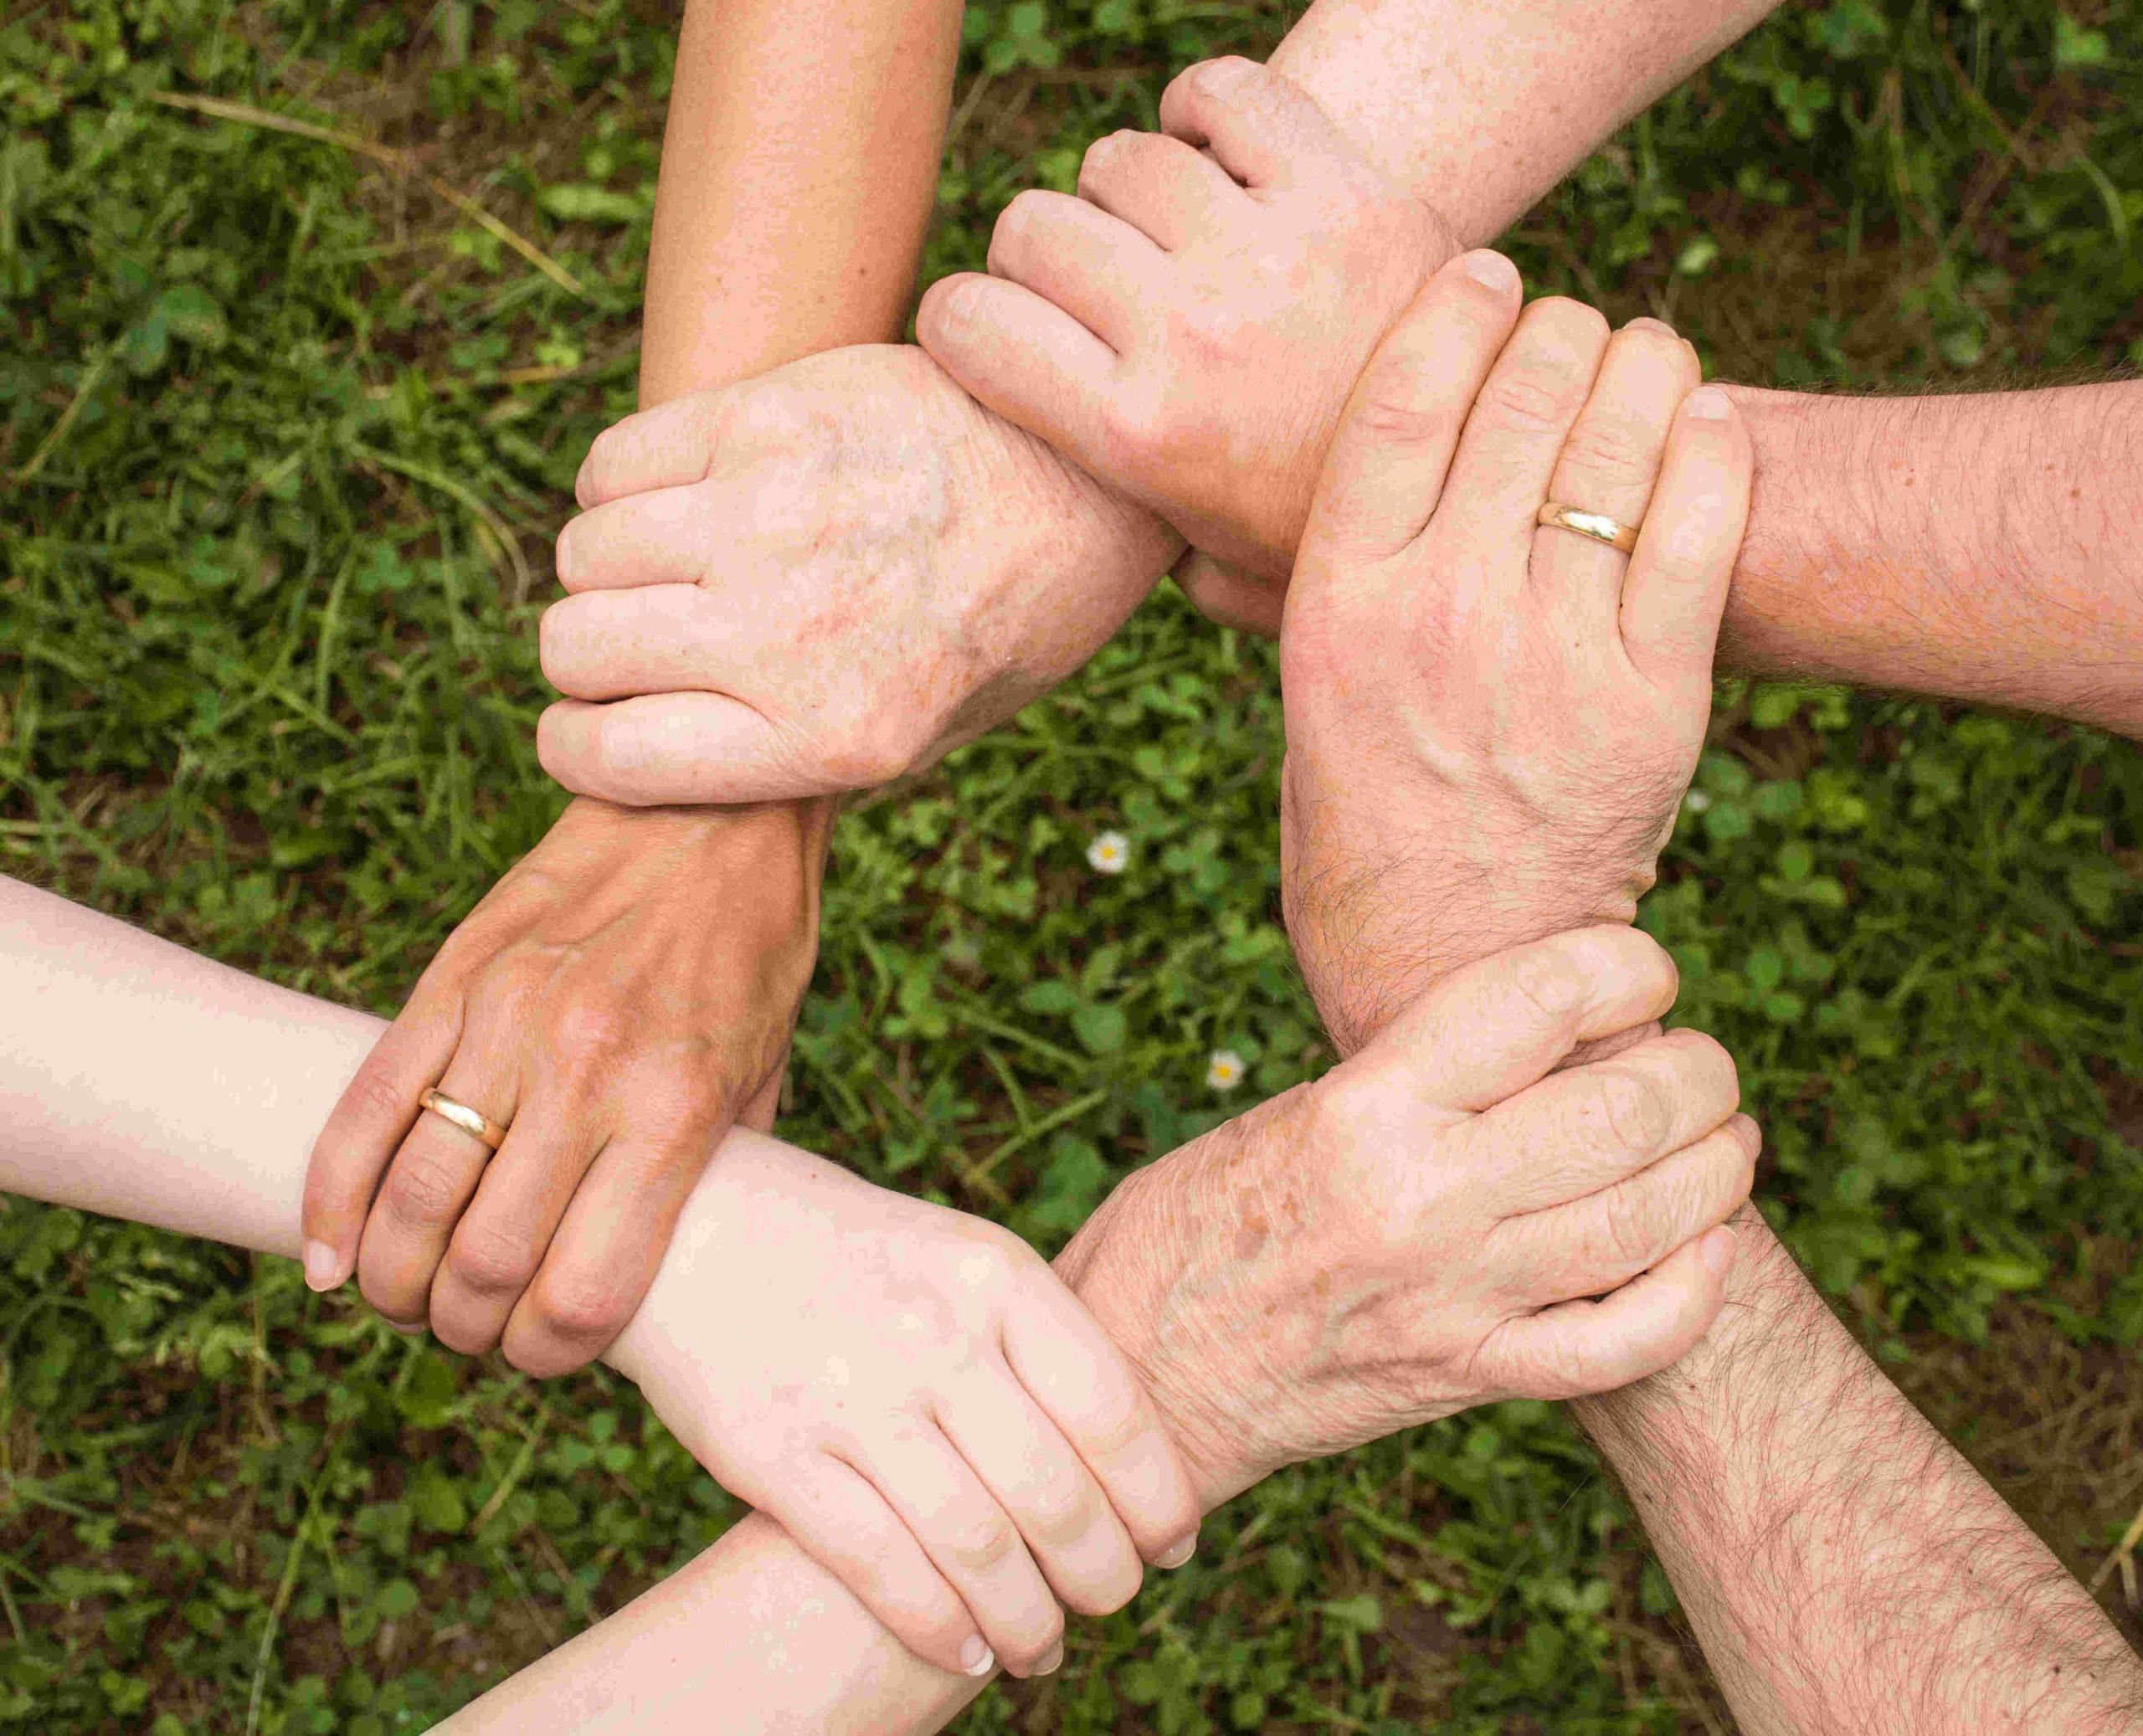 Sechs Hände bilden einen Kreis